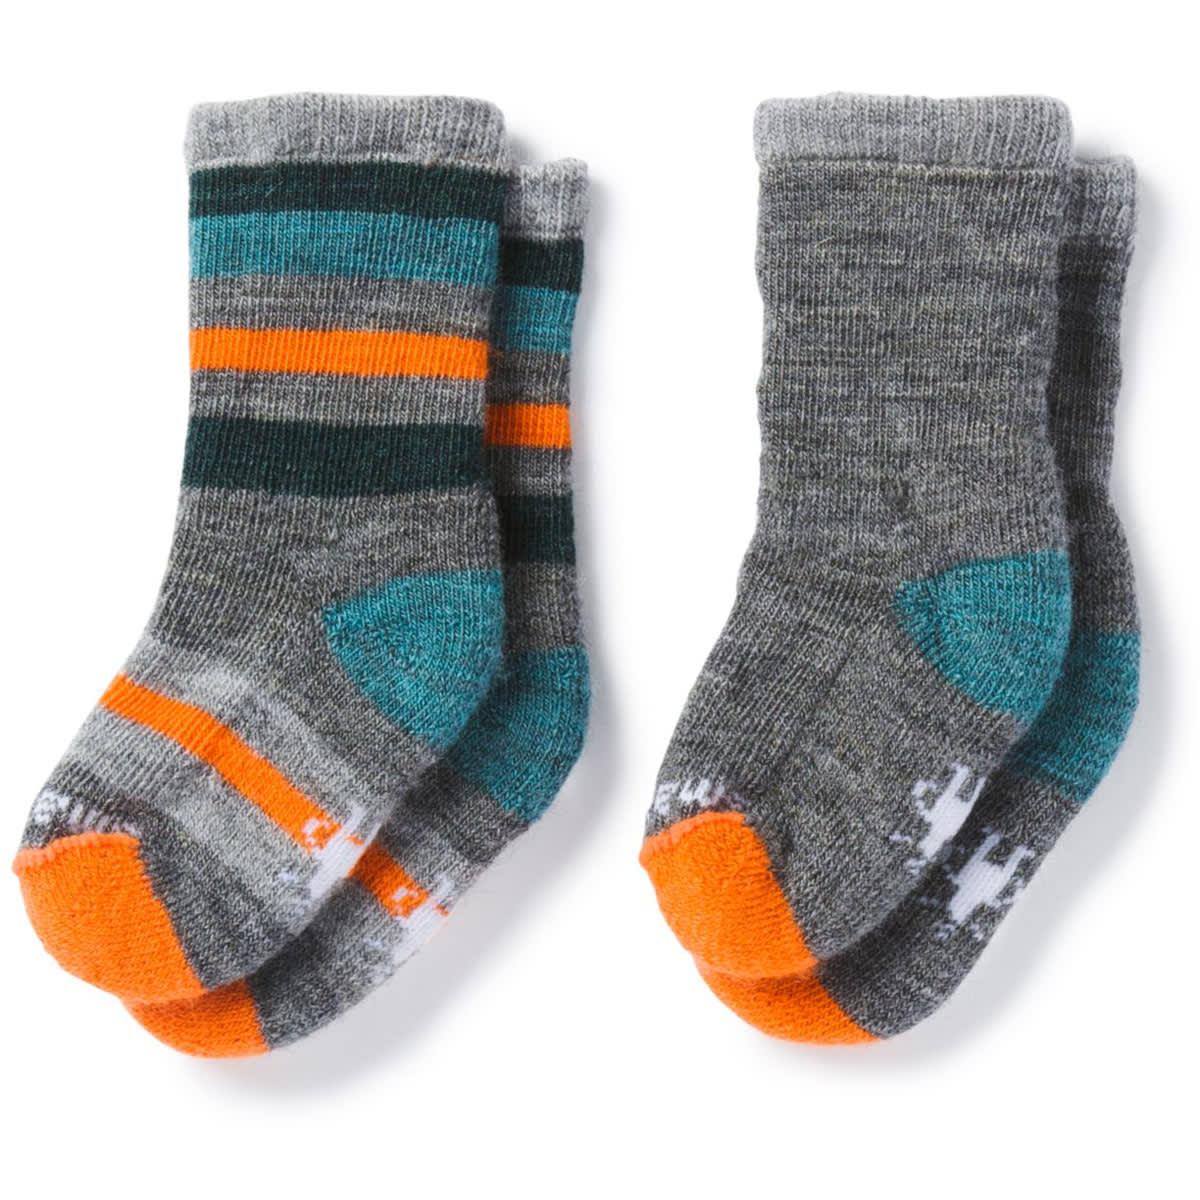 Smartwool Toddler Sock Sampler 2 Pack Socks Kids